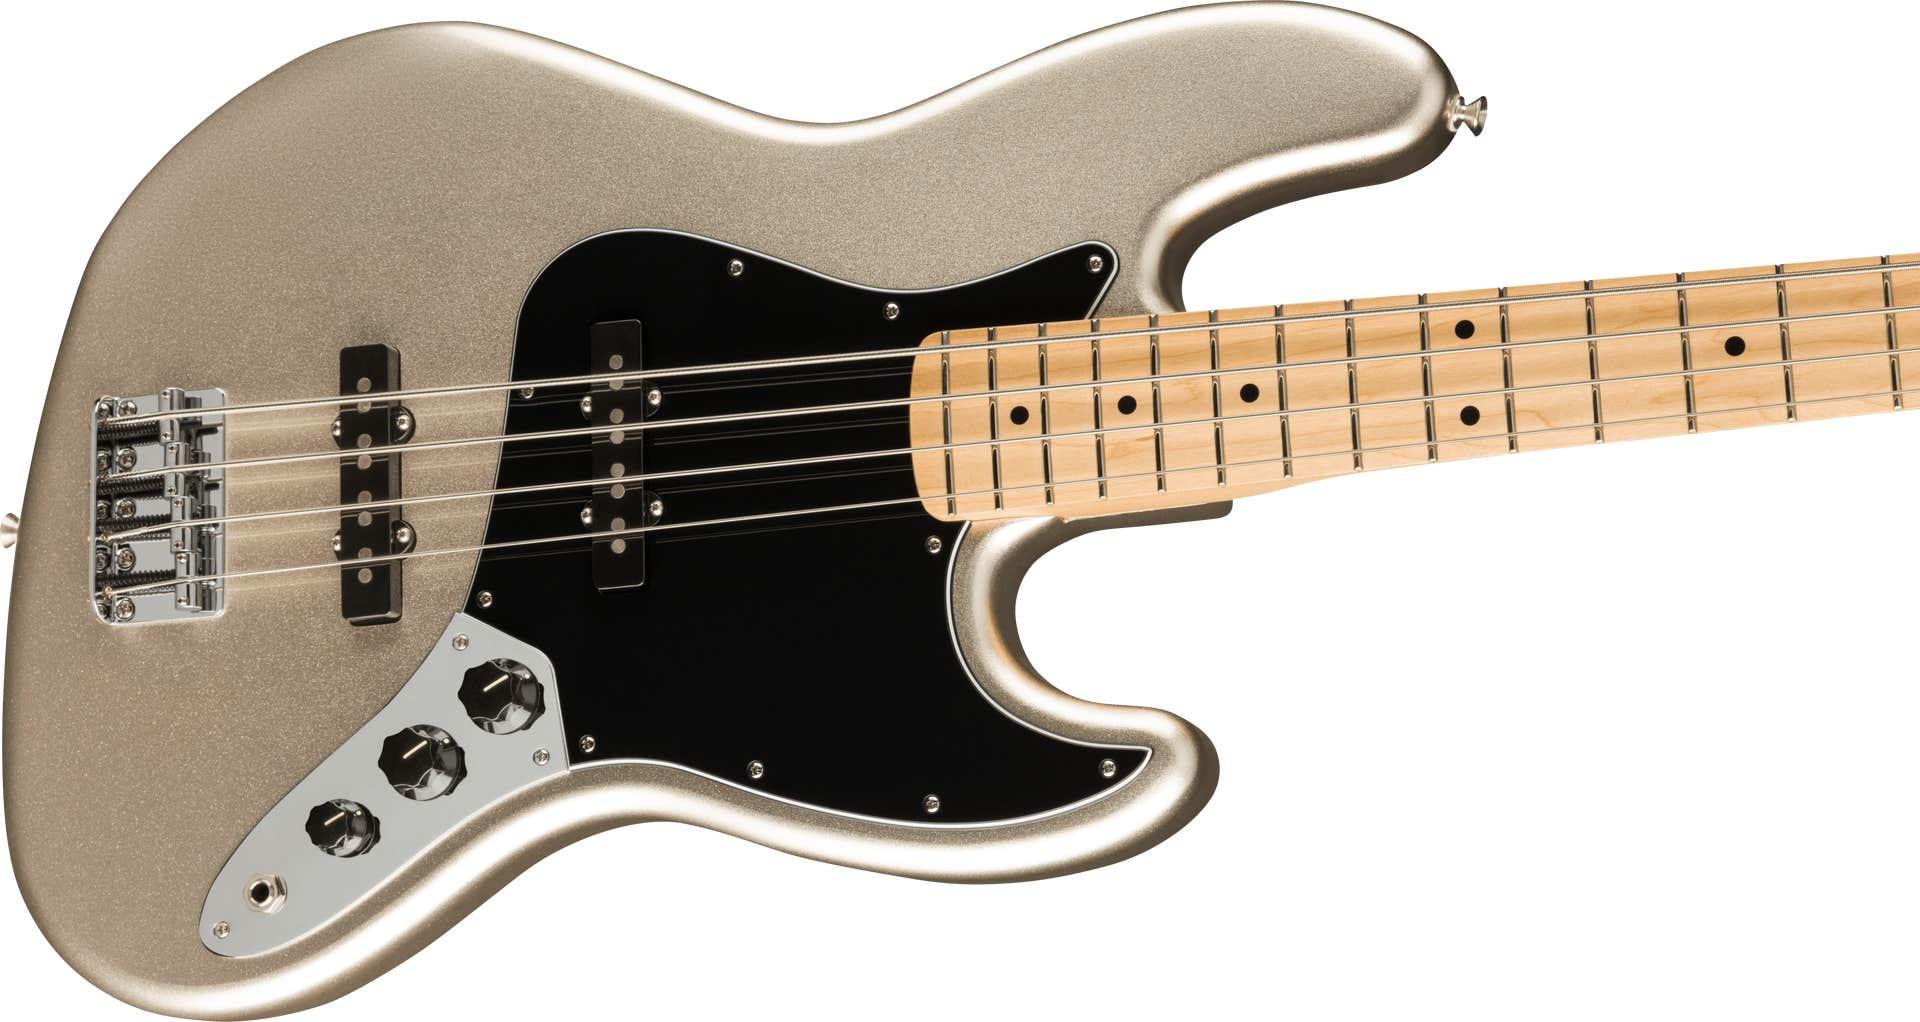 Fender 75th Anniversary Jazz Bass w/Gigbag - Diamond Anniversary